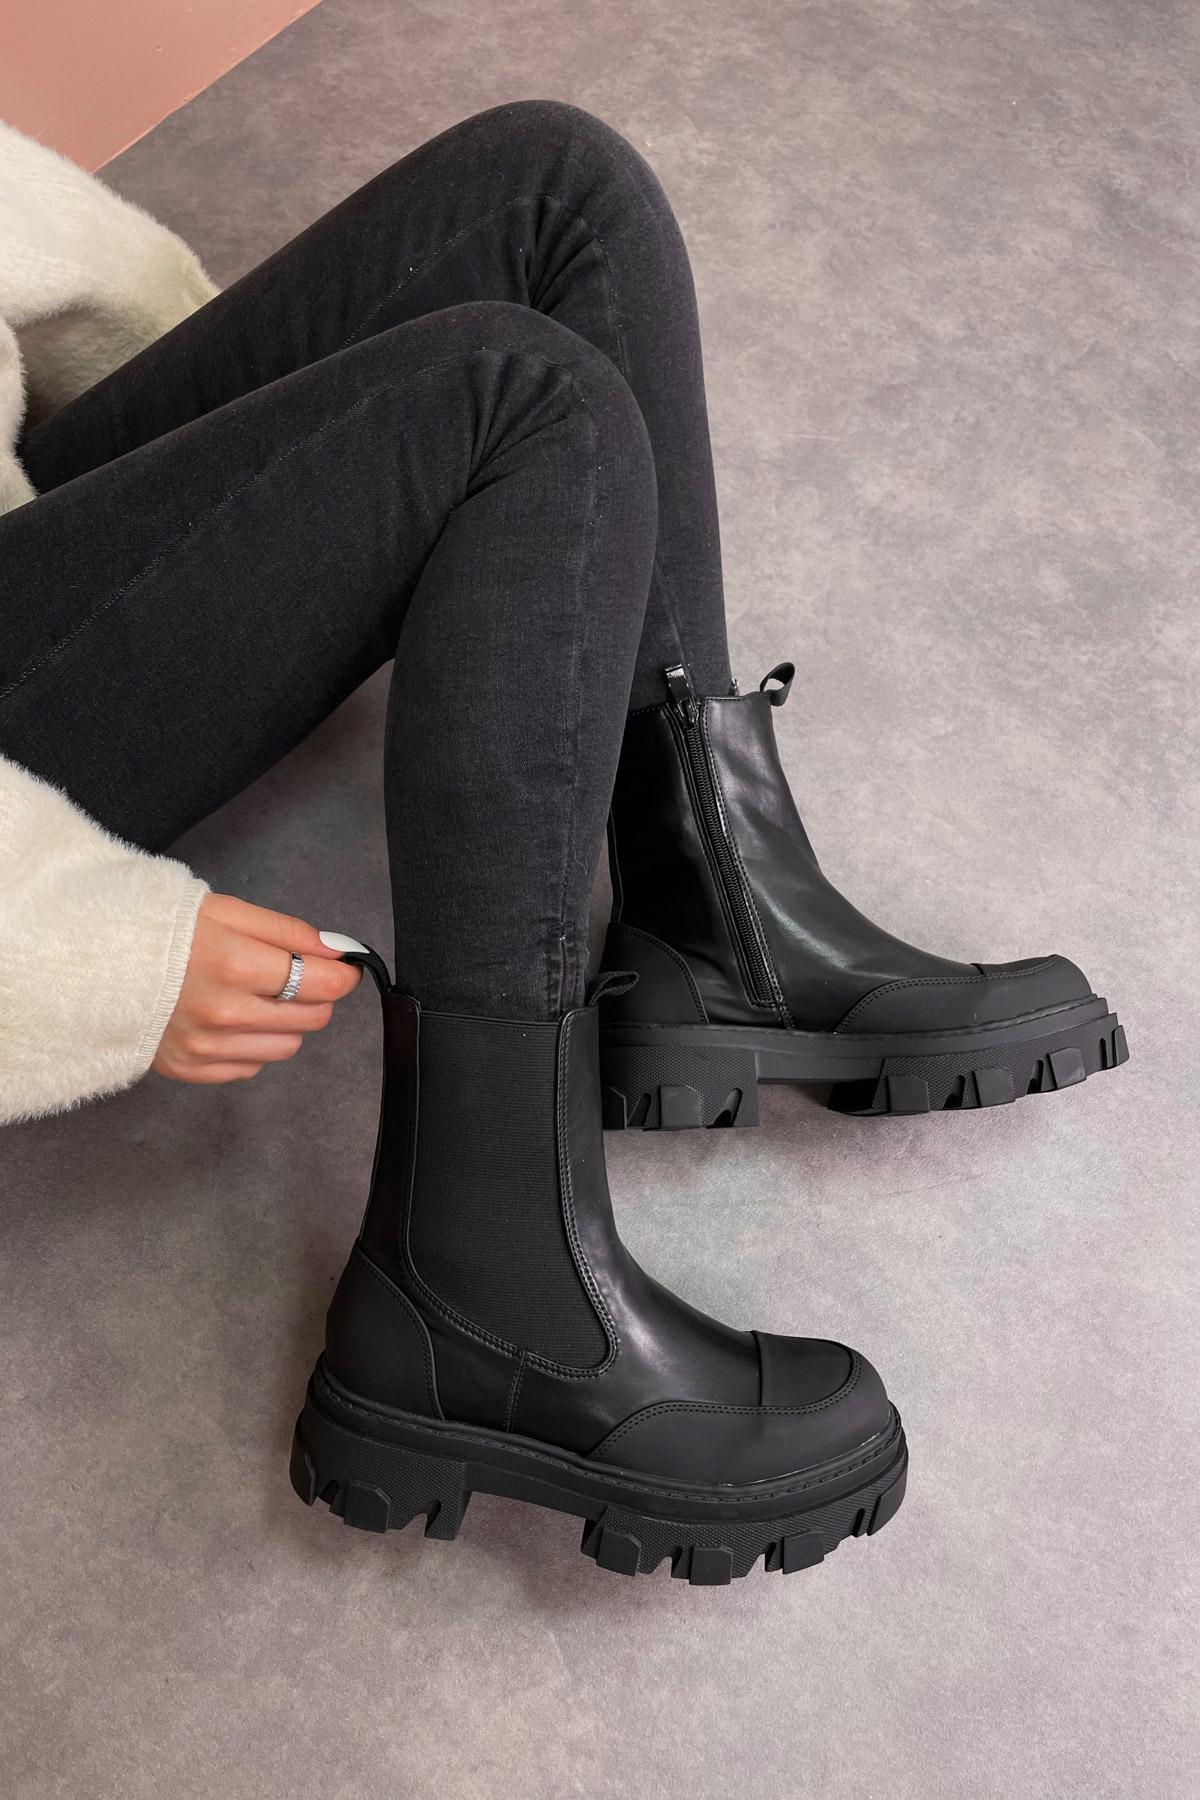 Bottines Chaussures Noir WS Shoes H21-25 #c Efashion Paris